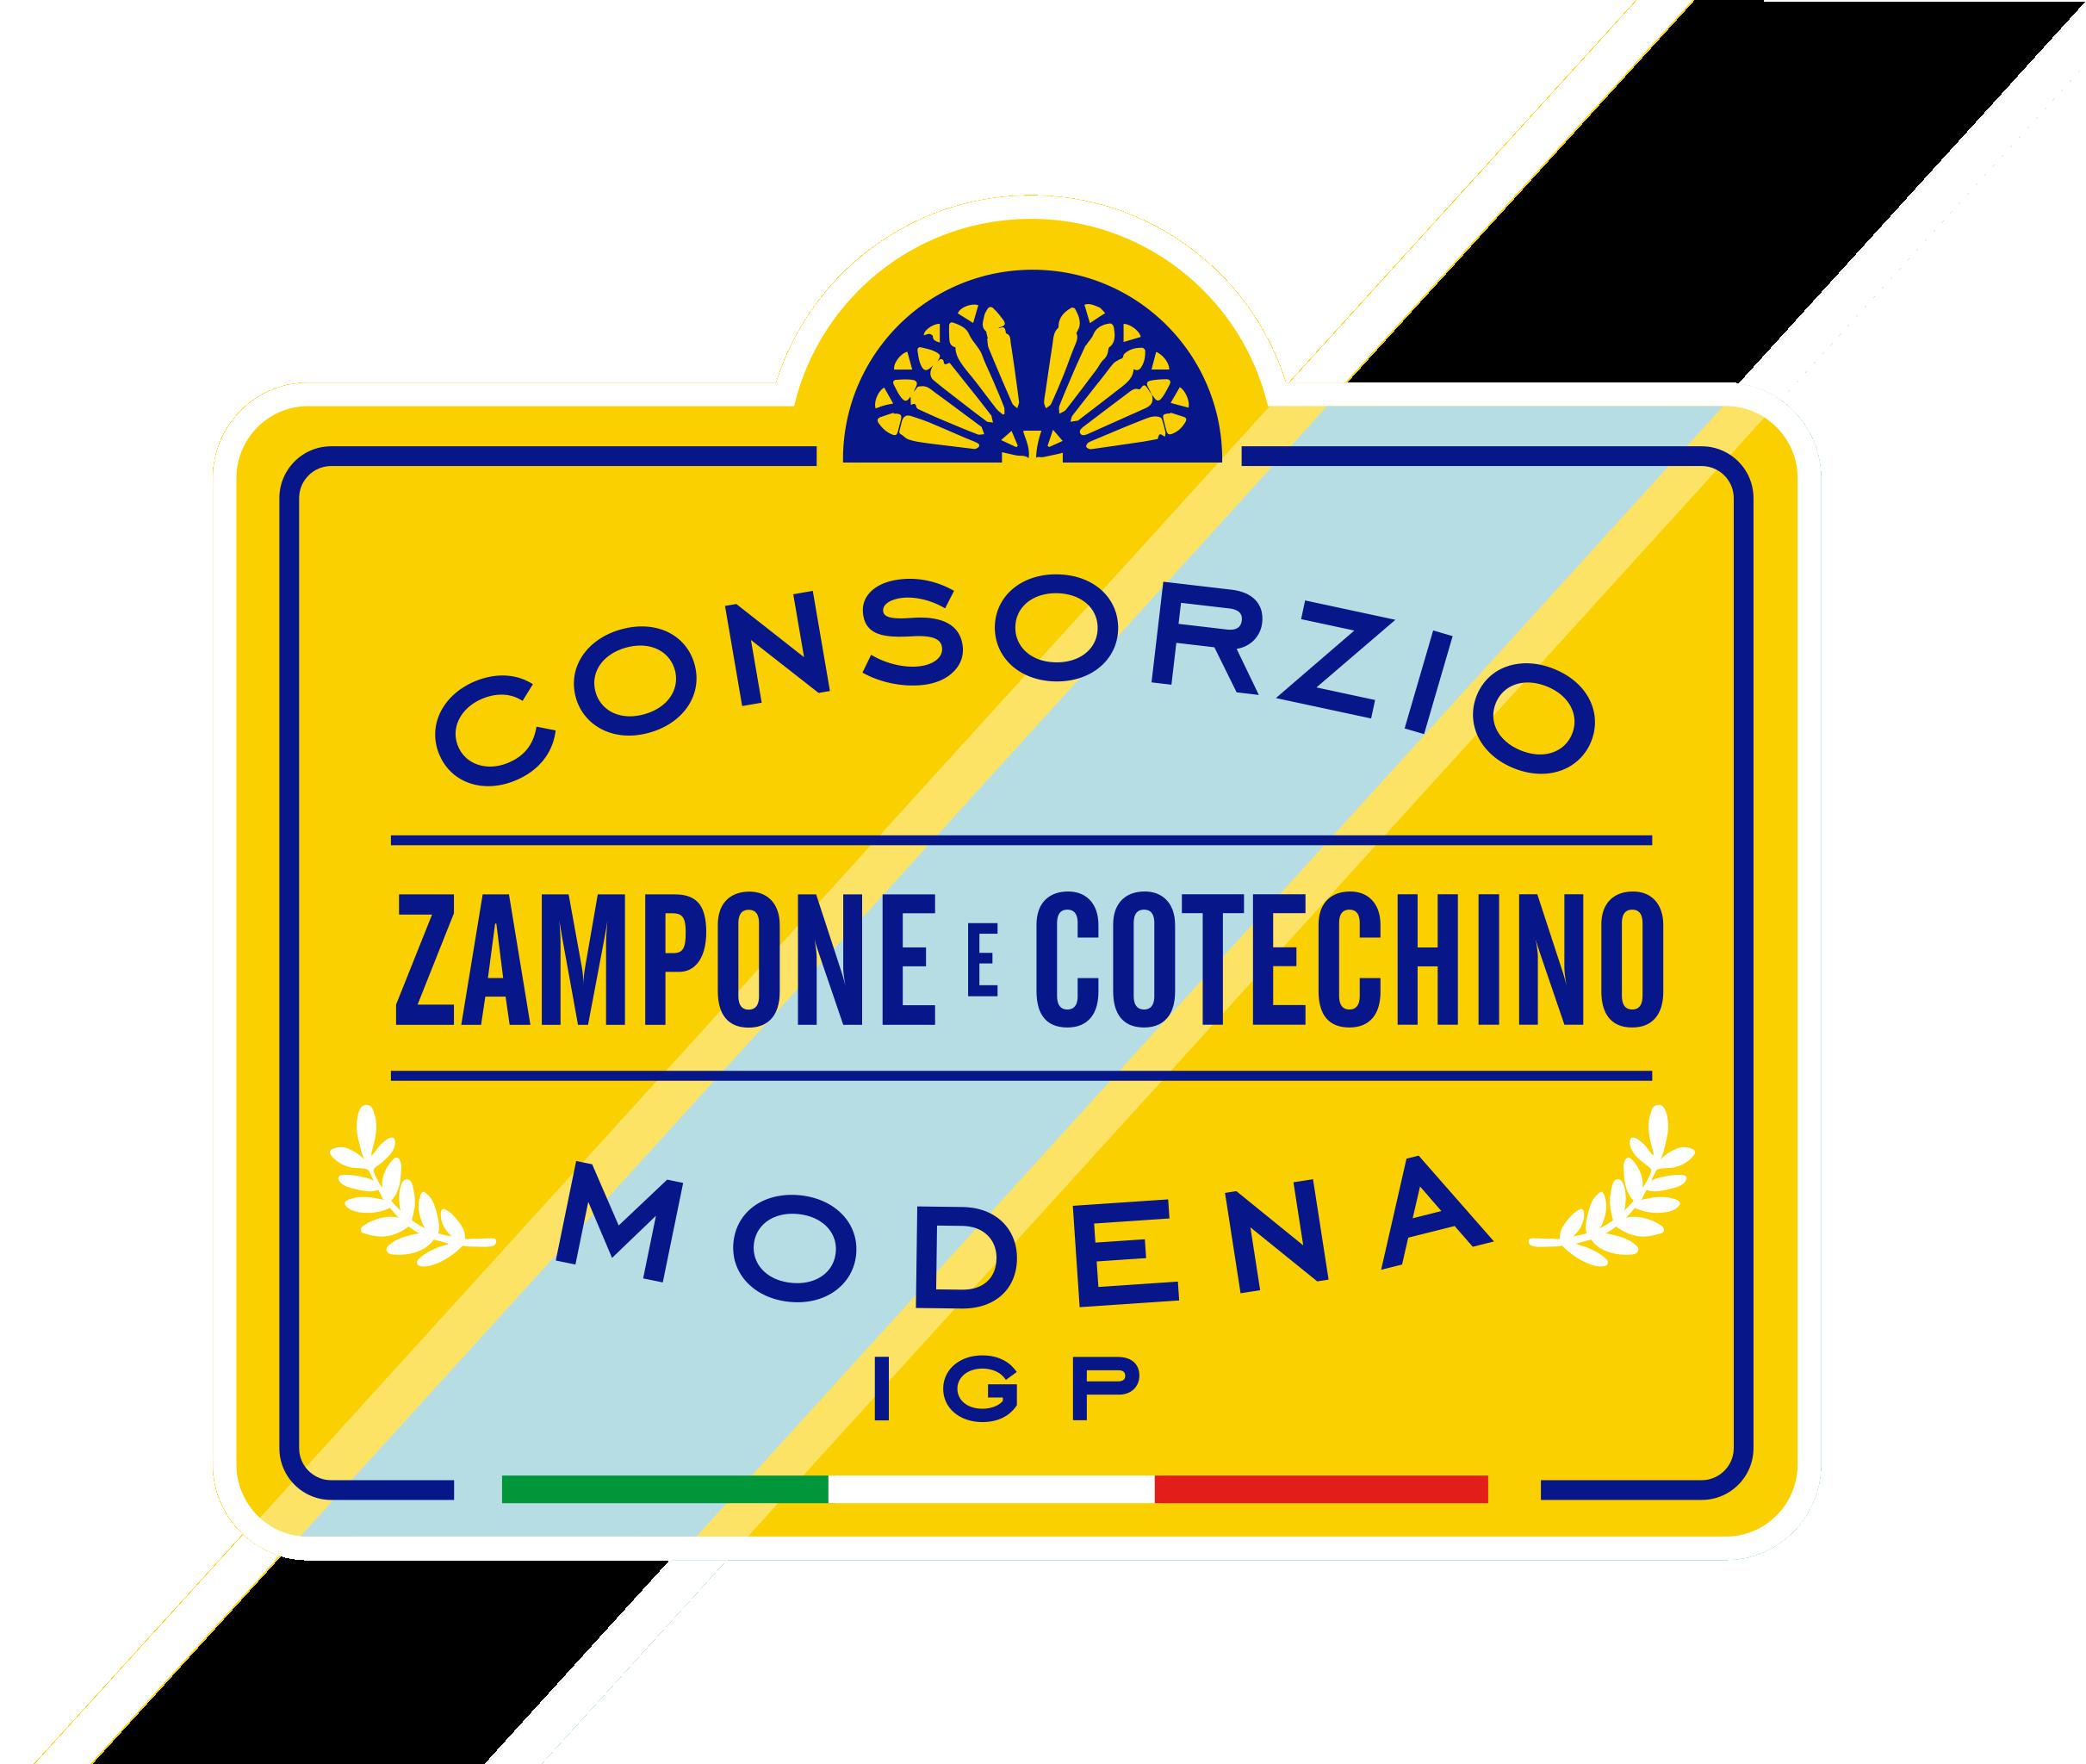 Zampone Modena IGP